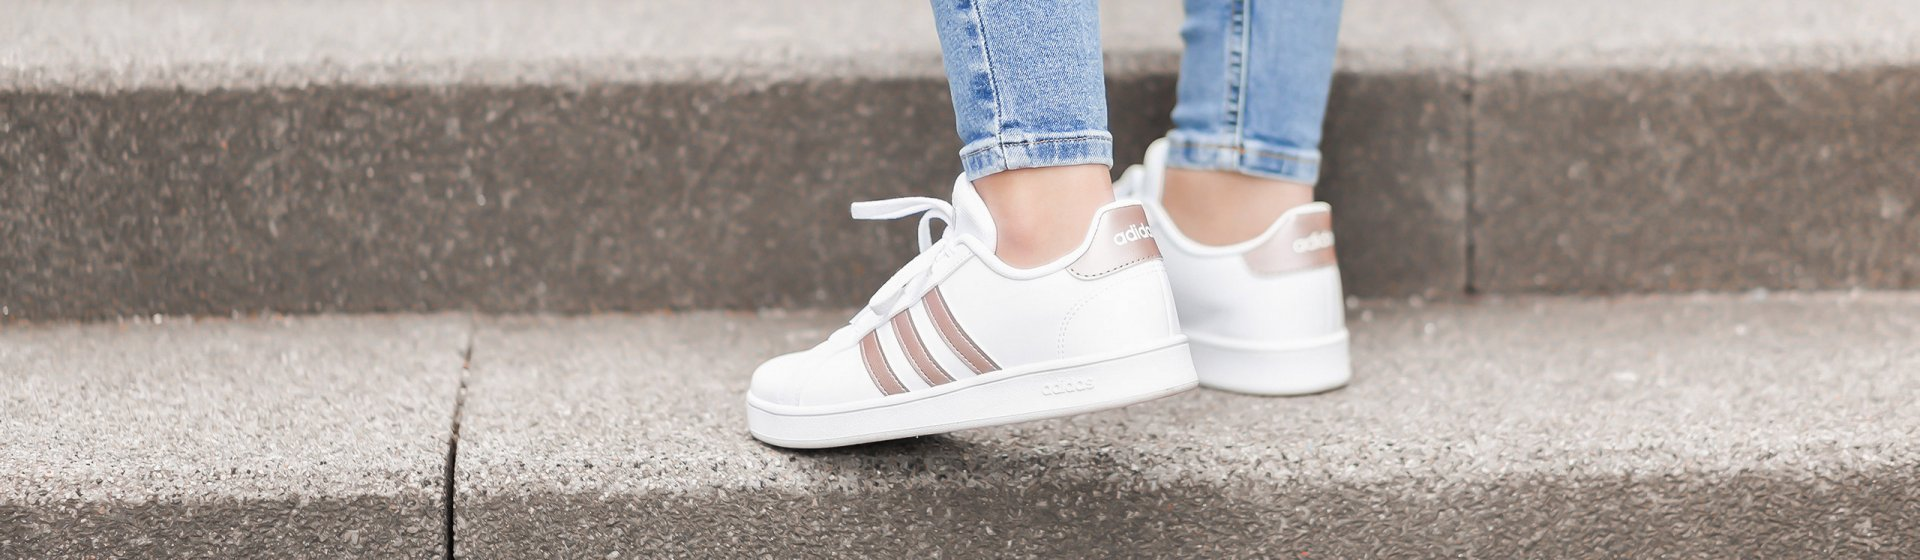 Schuhe für den Übergang, Schuhtrends Frühling 2021, Shoelove by Deichmann